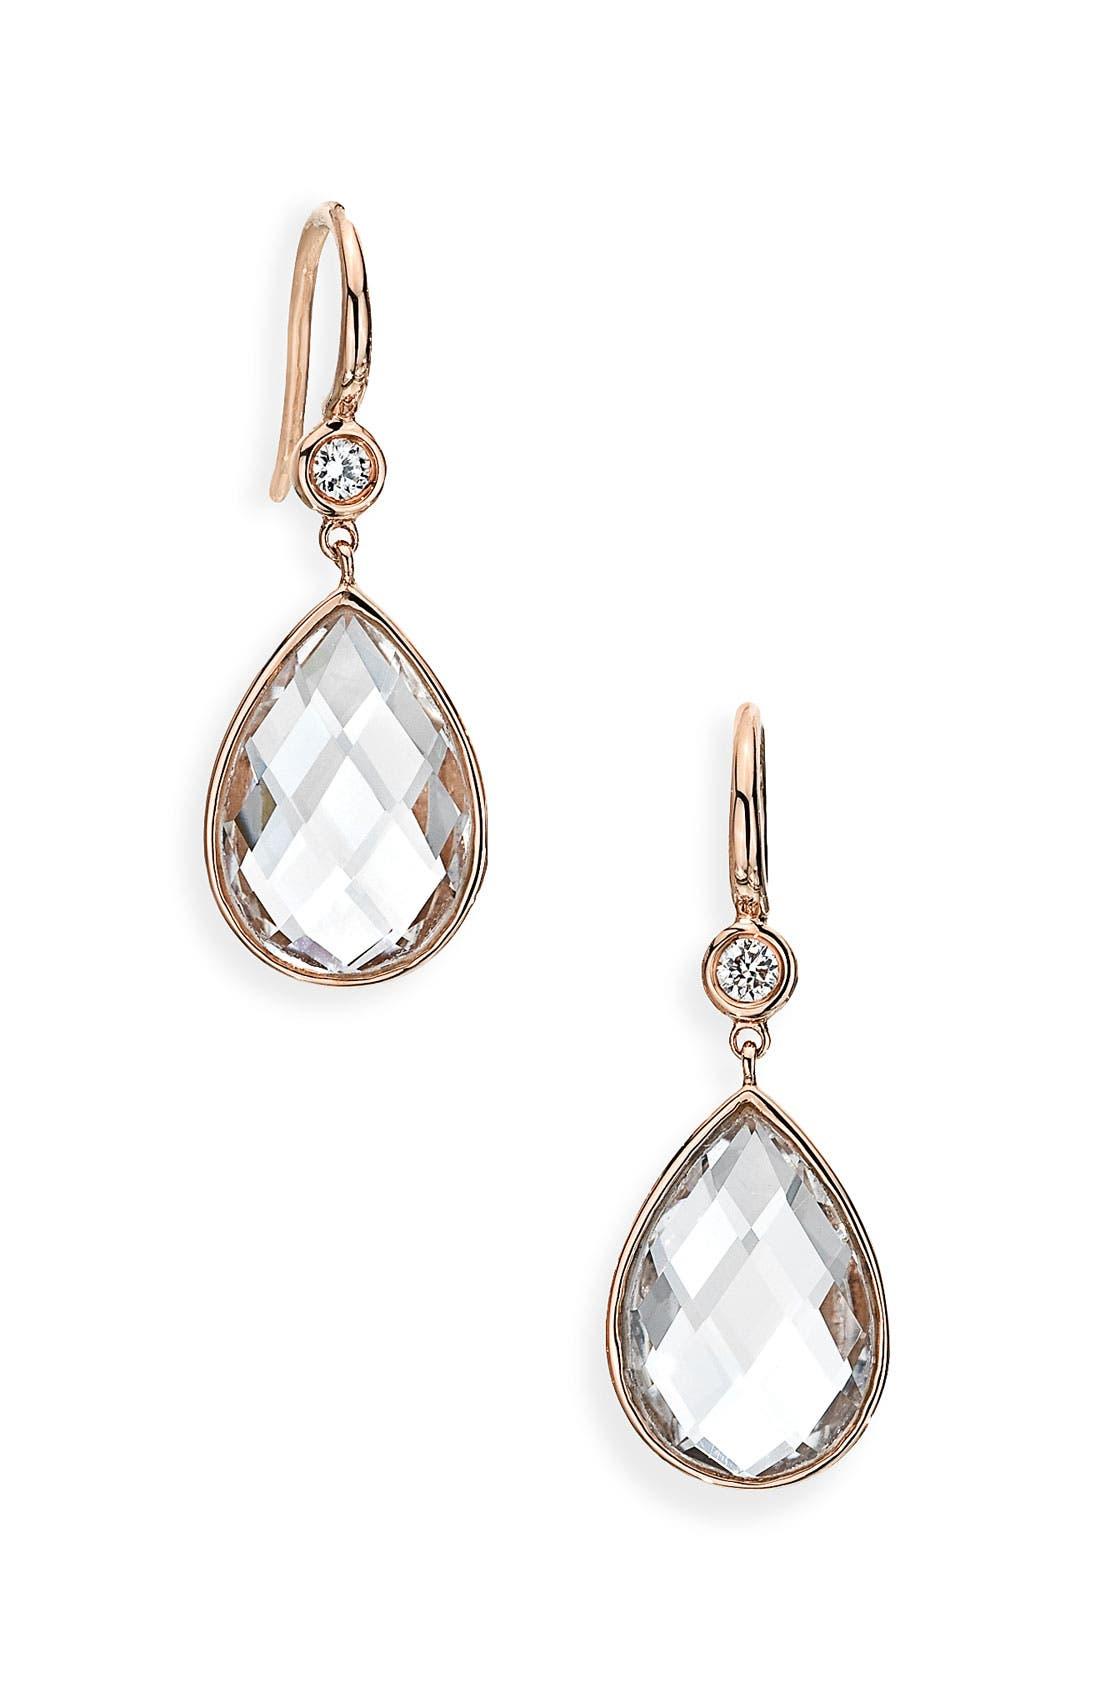 Main Image - Ivanka Trump 'Mixed Cut' Diamond & Rock Crystal Drop Earrings